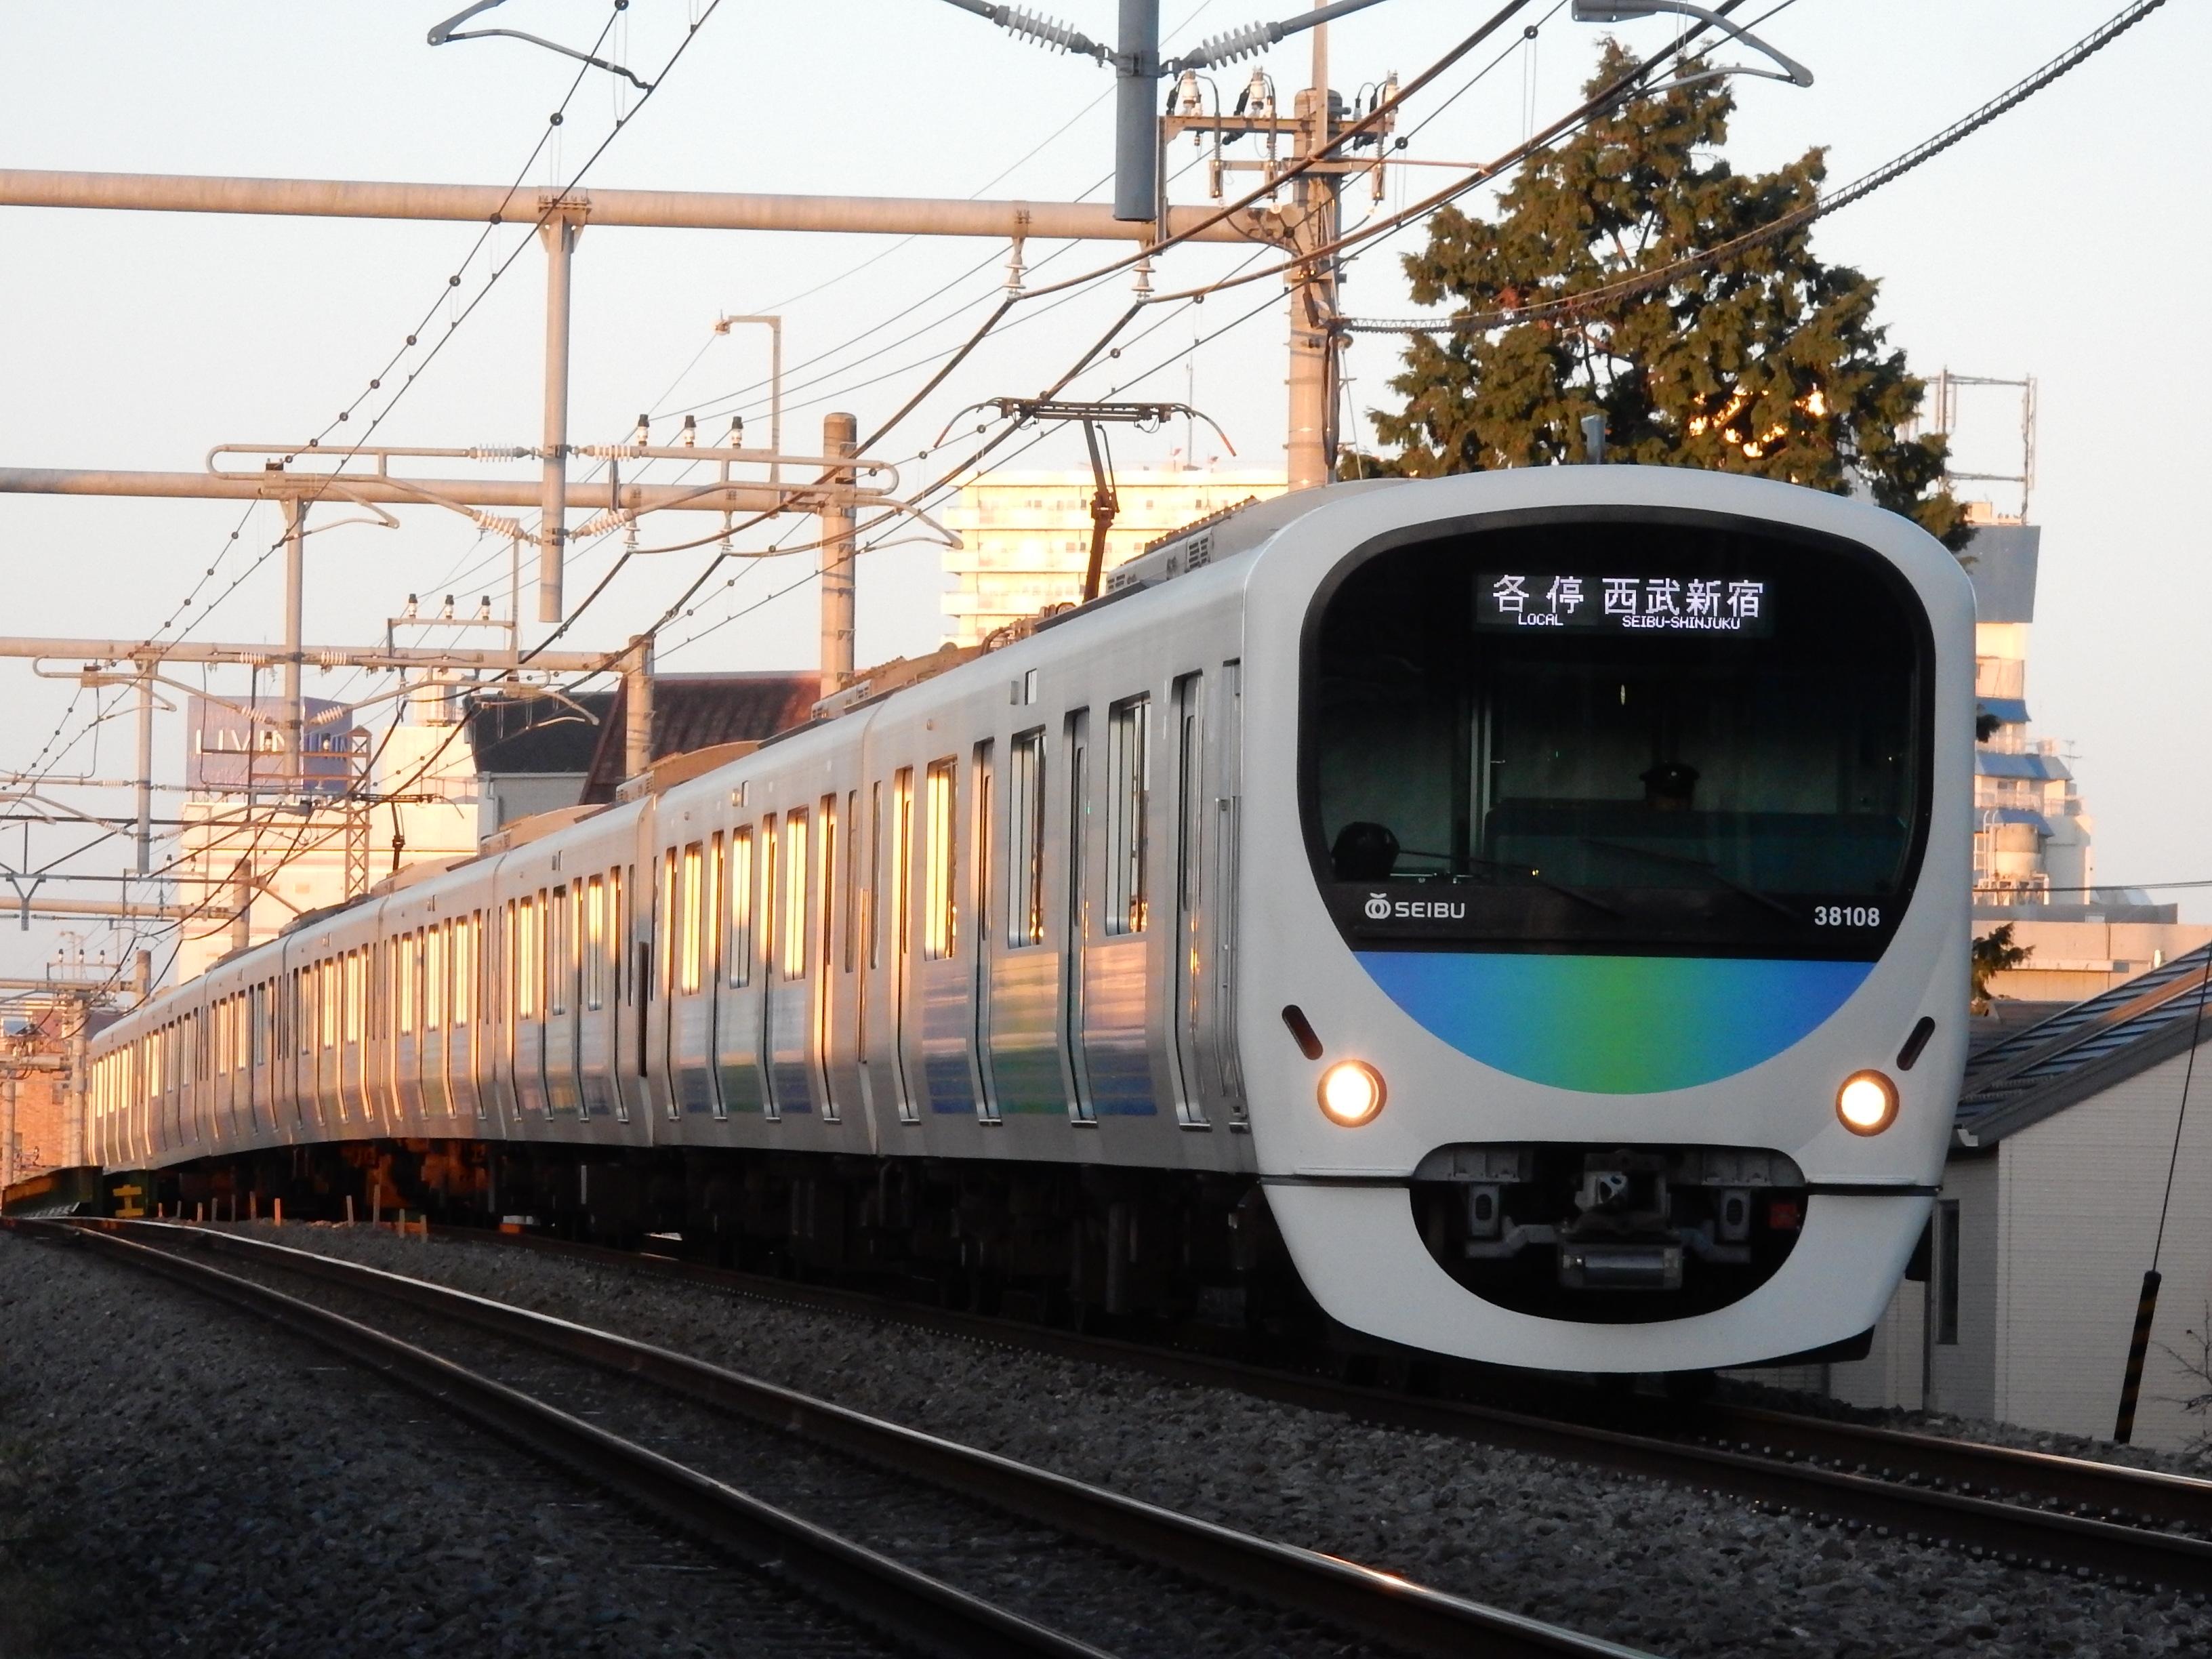 DSCN9498.jpg